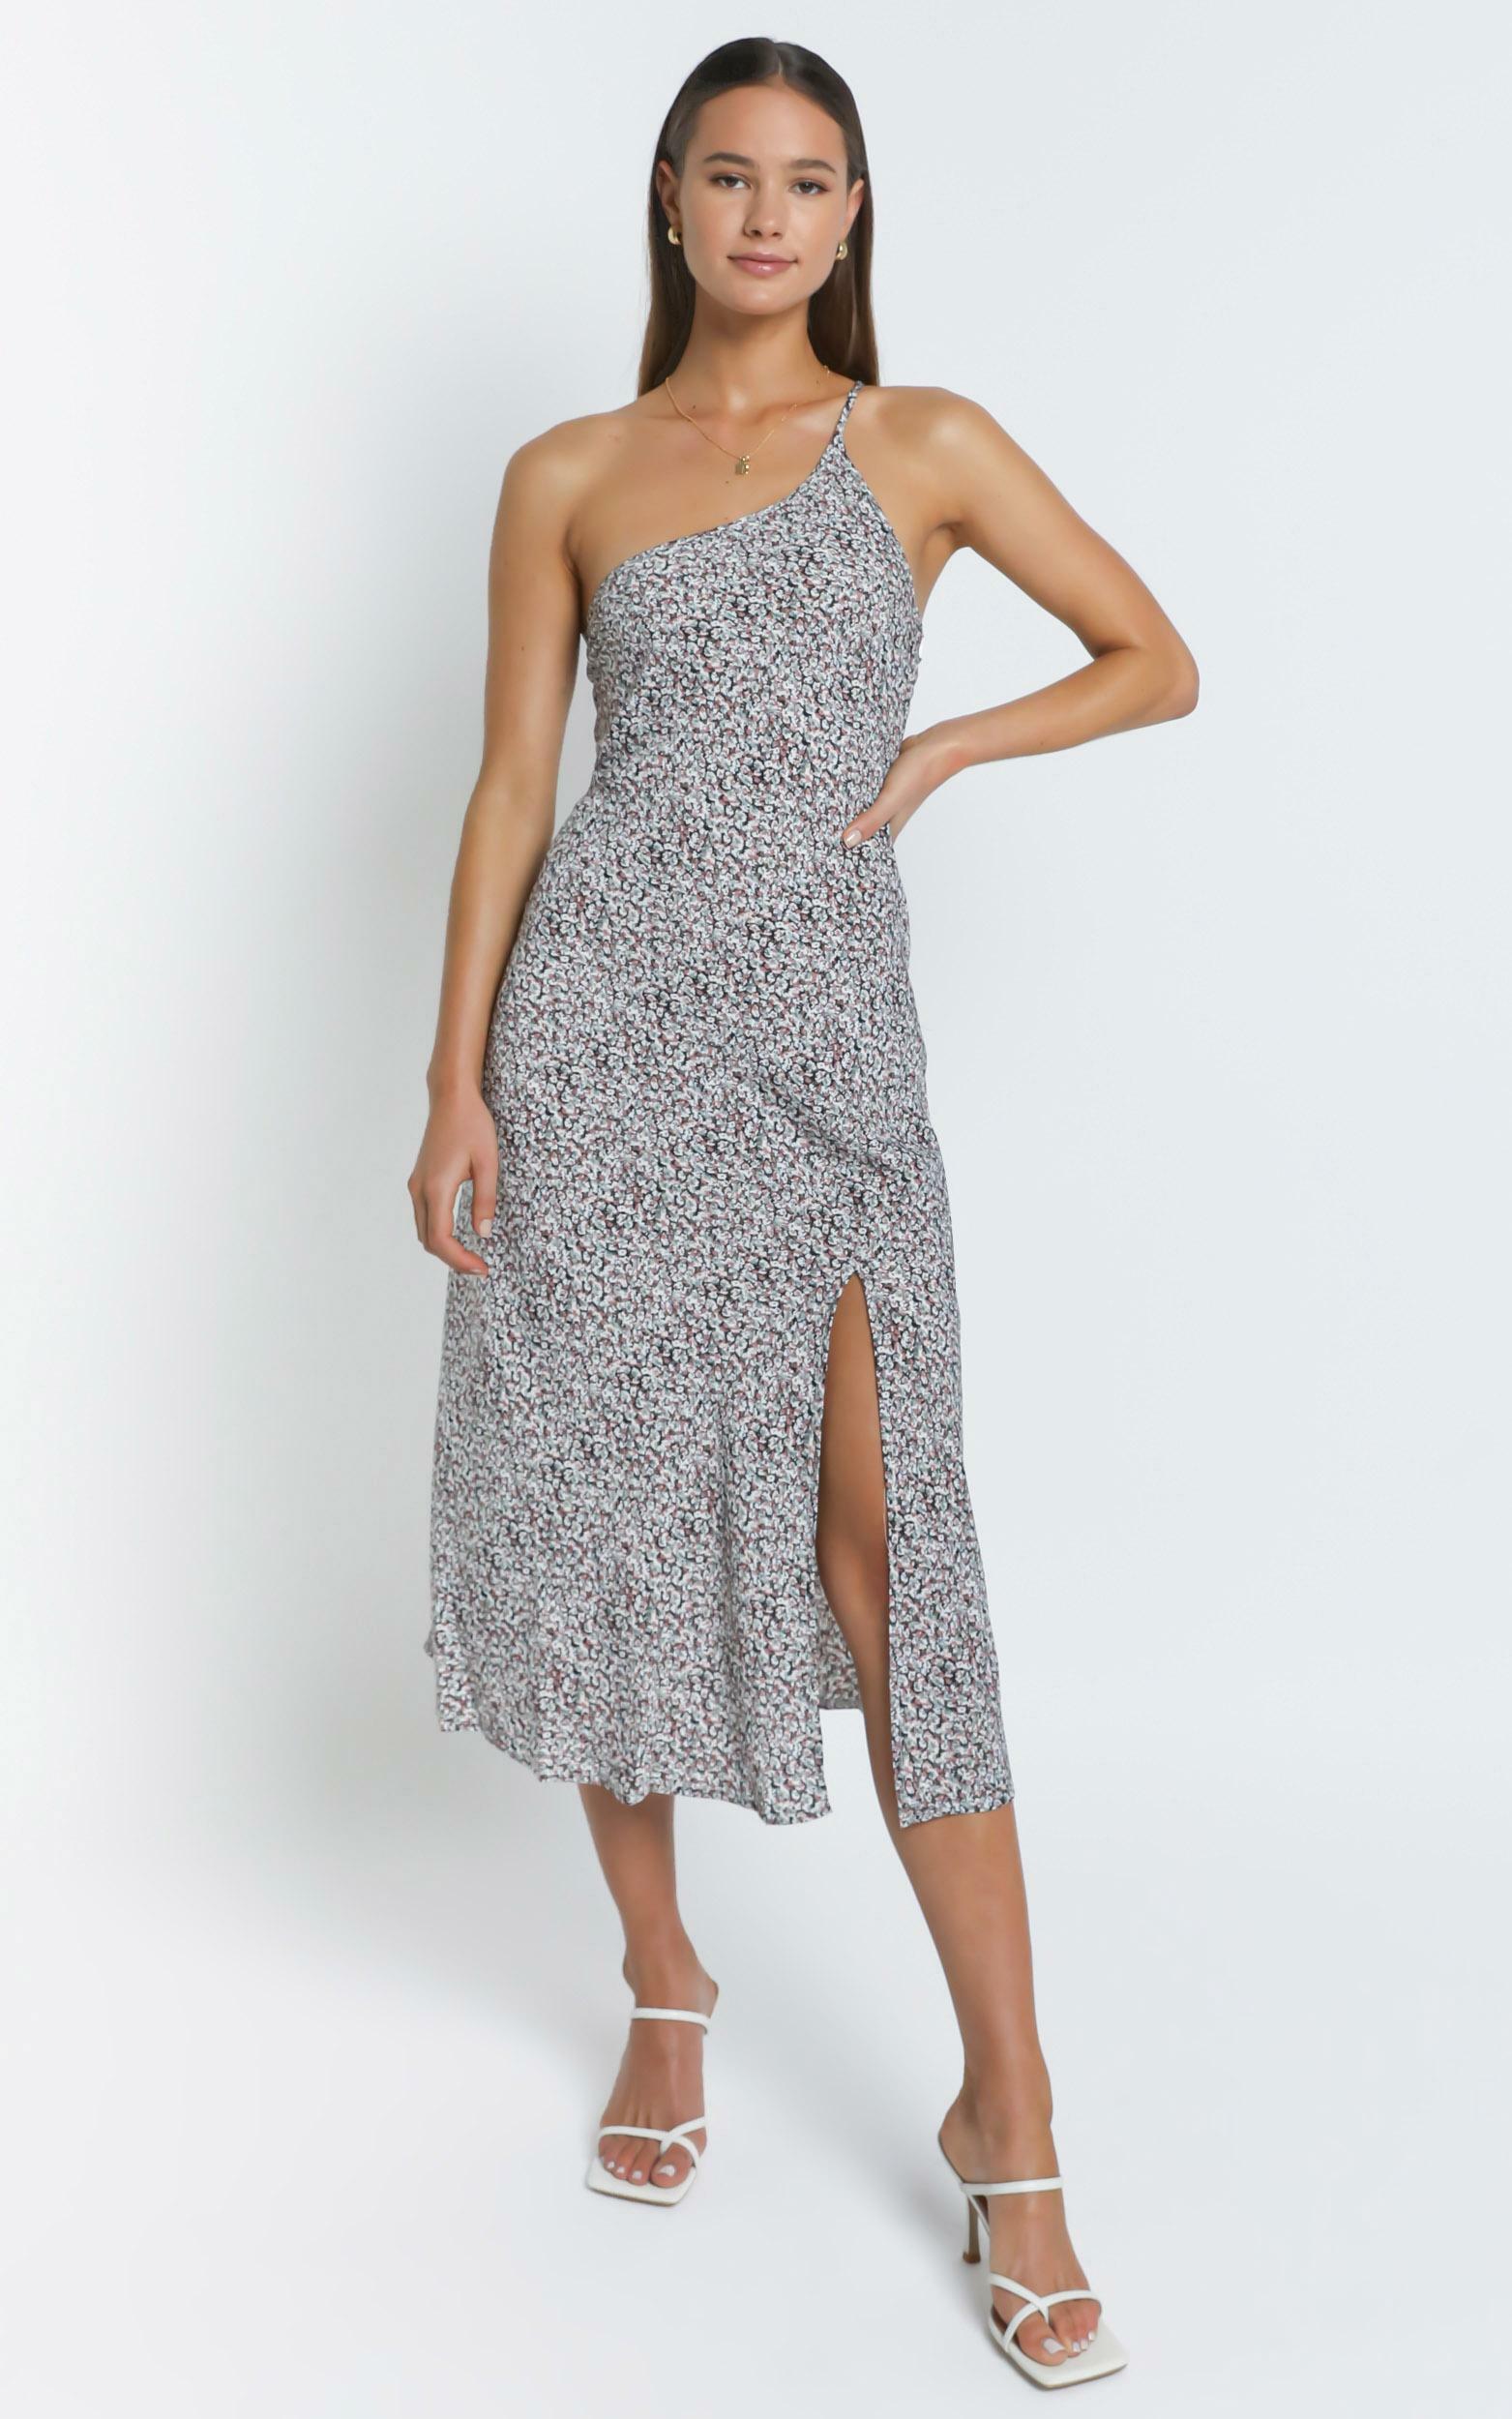 Amaya Dress in Black Floral - 6 (XS), BLK1, hi-res image number null